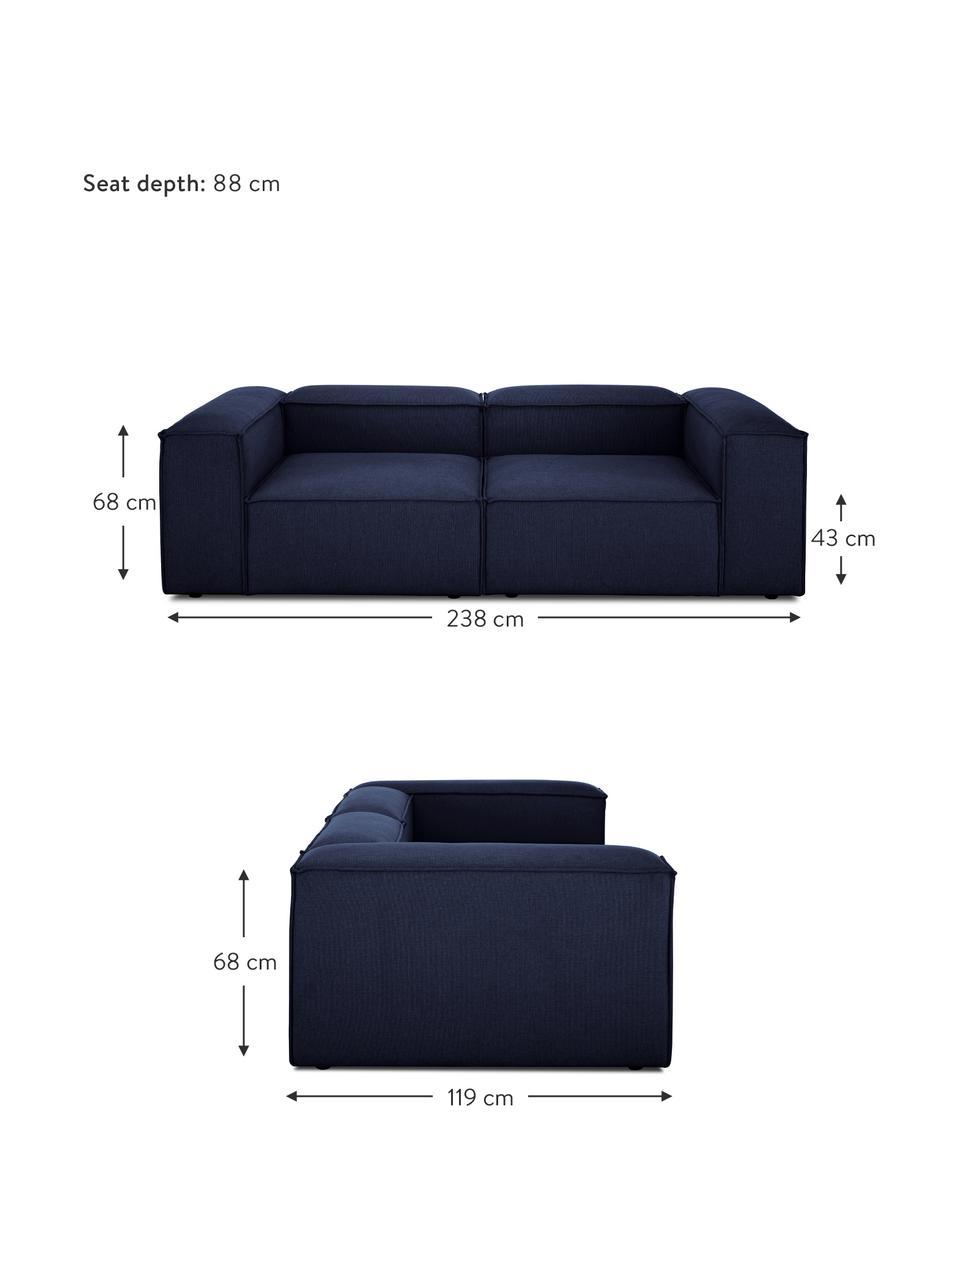 Sofa modułowa Lennon (3-osobowa), Tapicerka: 100% poliester Dzięki tka, Stelaż: lite drewno sosnowe, skle, Nogi: tworzywo sztuczne Nogi zn, Niebieski, S 238 x G 119 cm